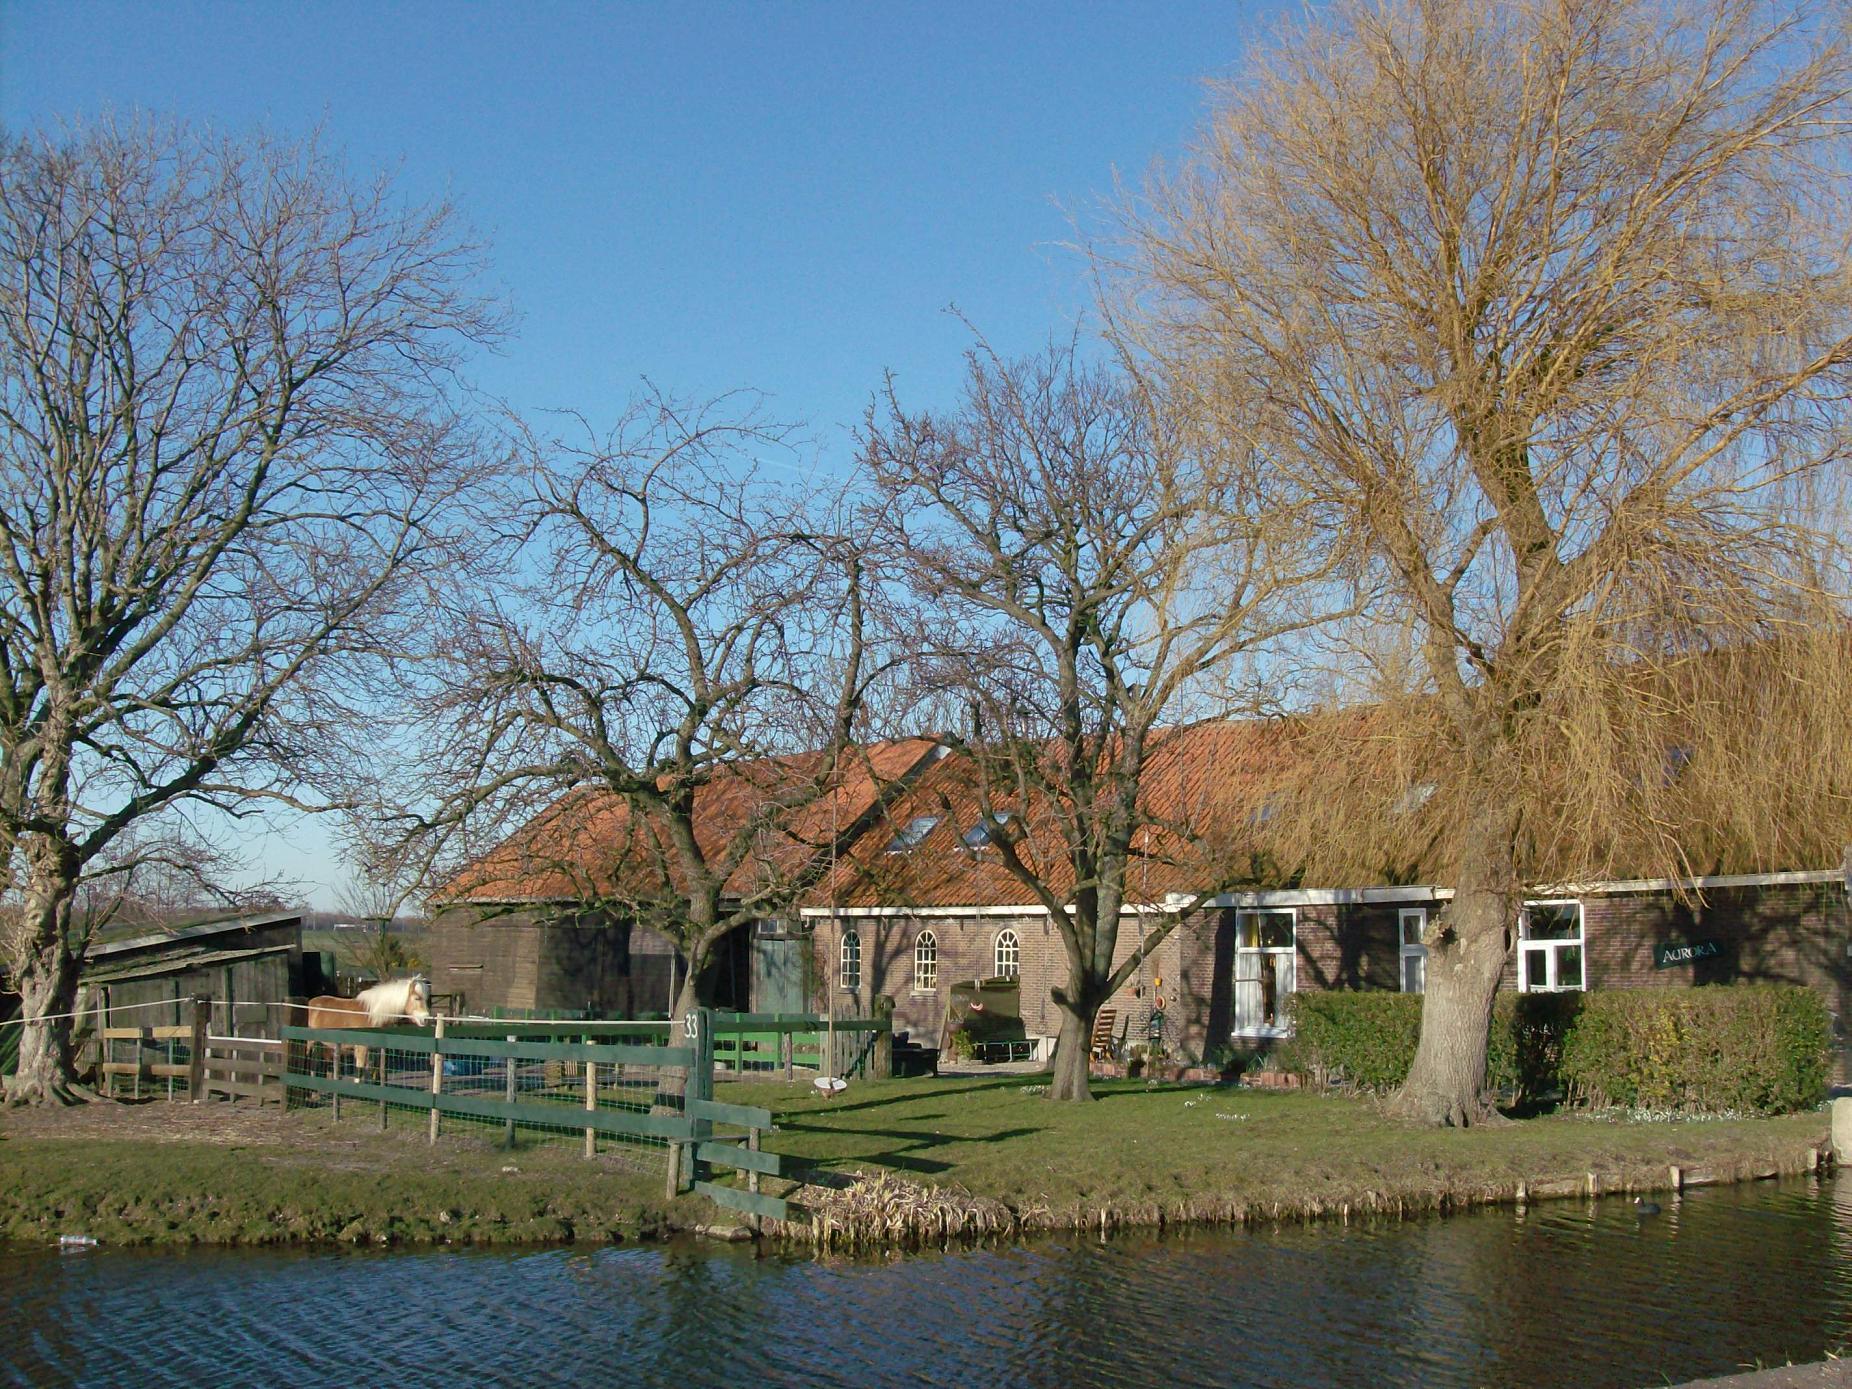 Bestand farm in wilsveen netherlands boerderij te for Farm house netherlands